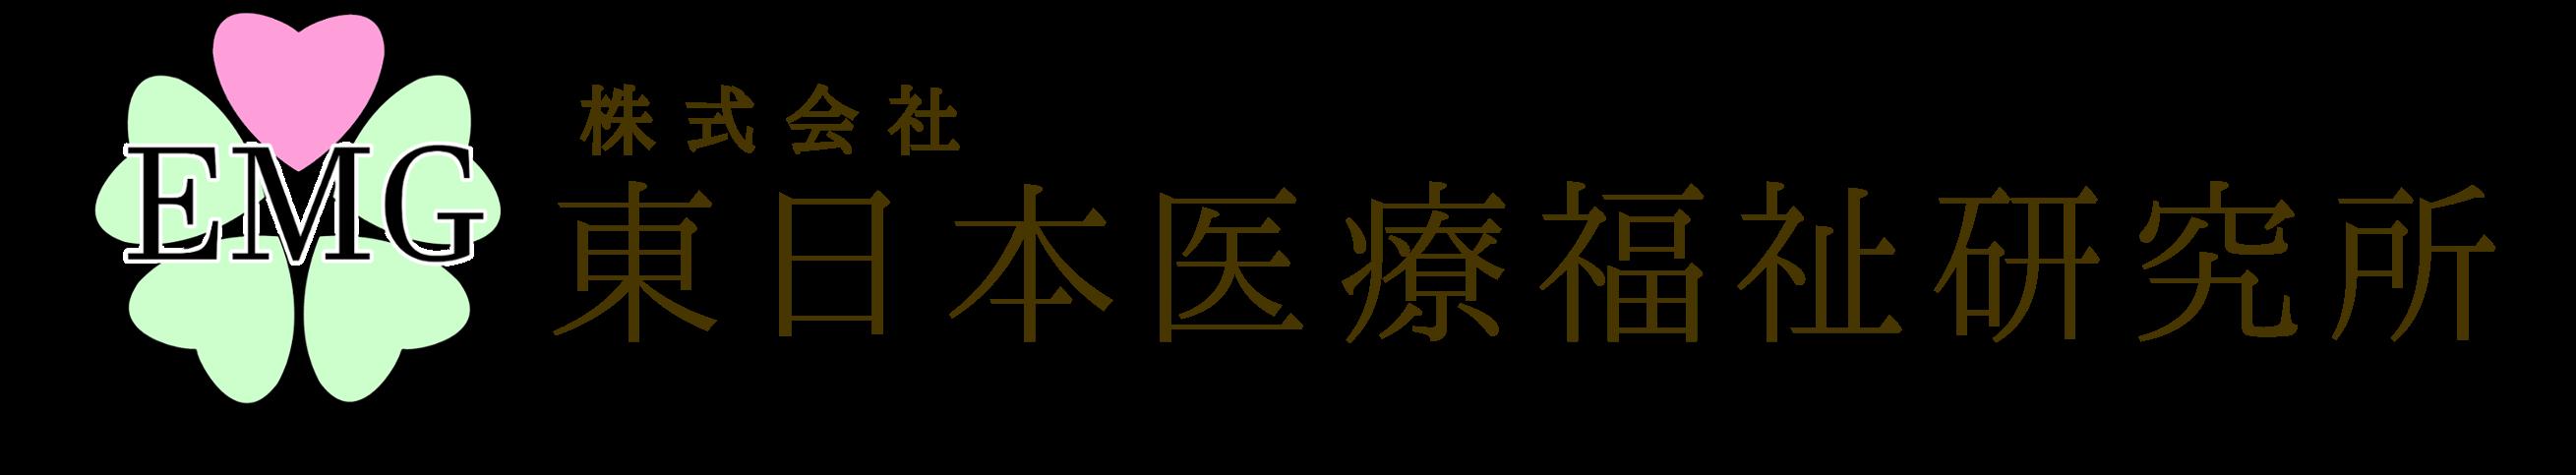 東日本医療福祉研究所【公式】